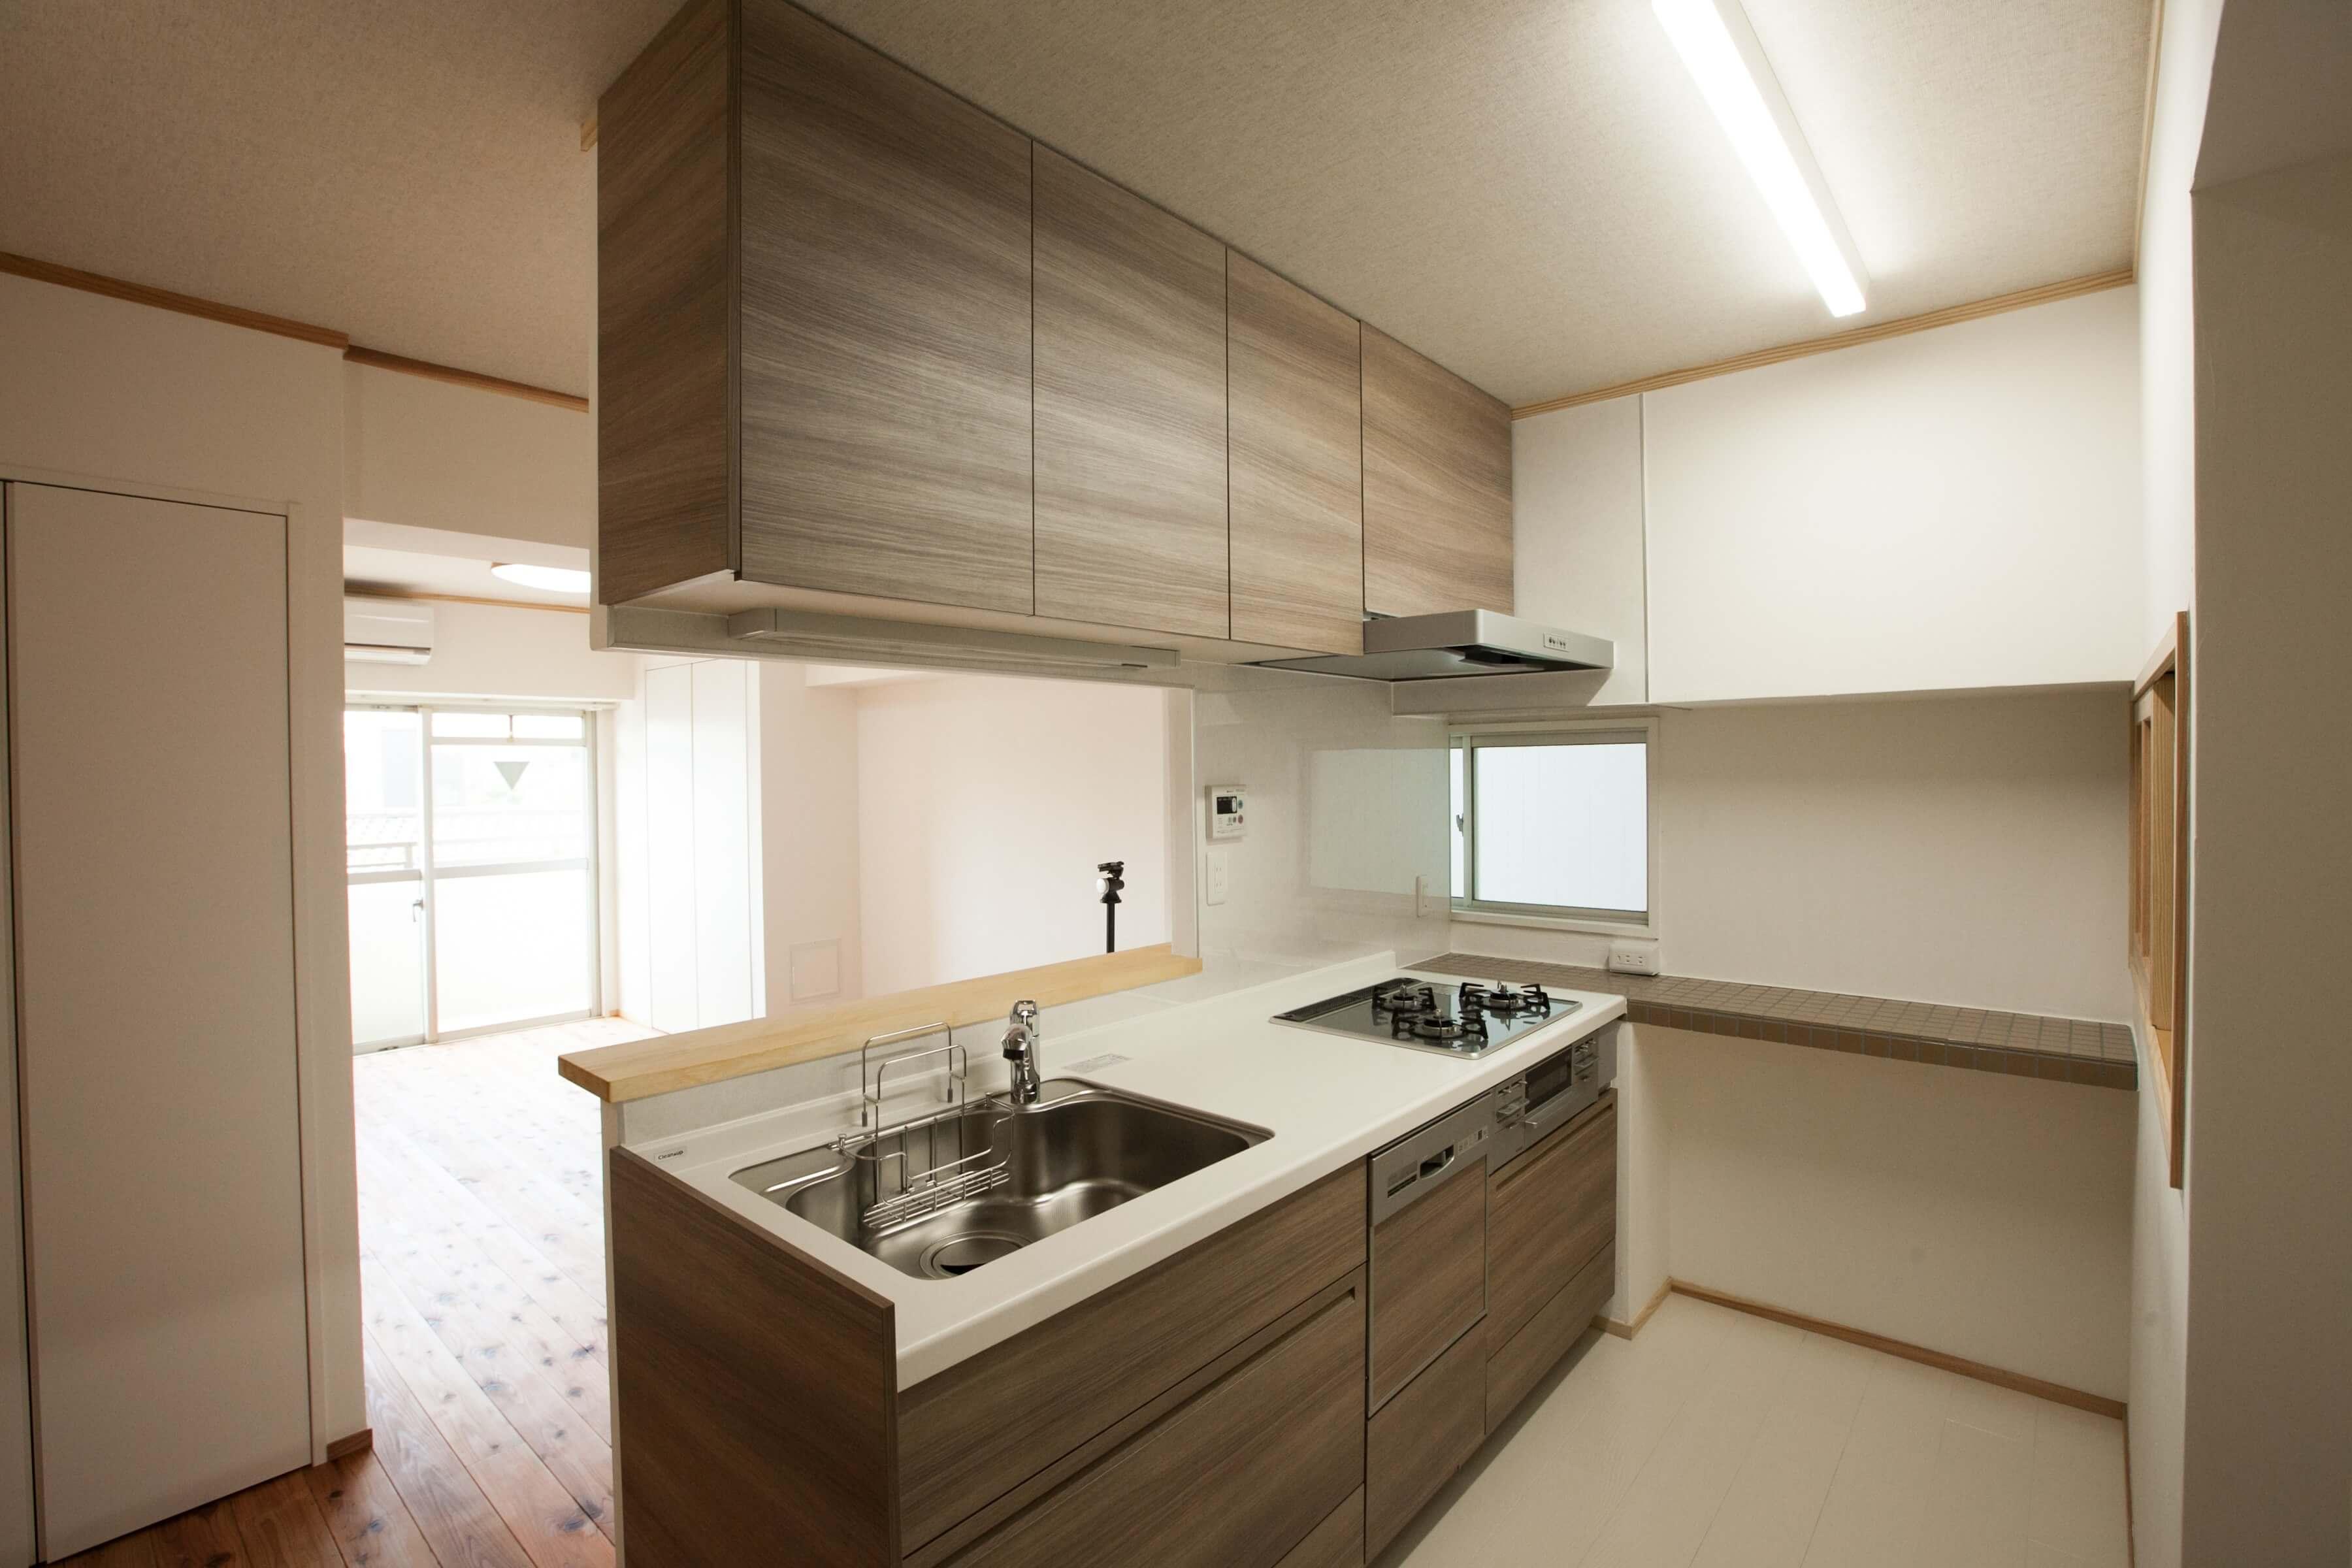 ホームオフィスを備えた自然素材の家 | こだわりの自然素材・天然素材の注文住宅・リフォームの駿河屋